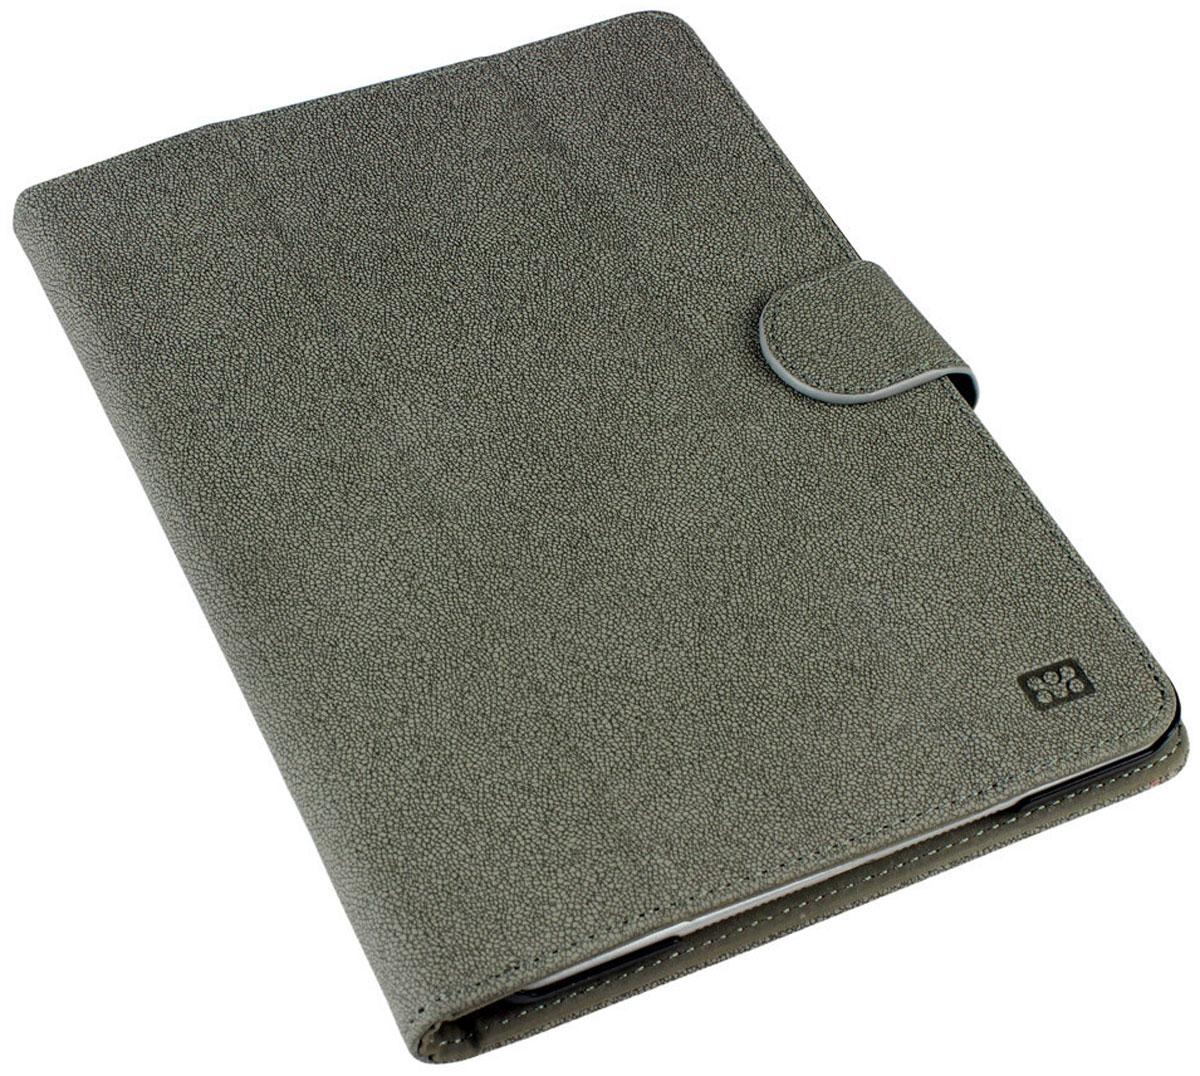 Promate Dash-Mini, Grey аккумулятор-чехол для iPad mini00007805Promate Dash-Mini- отличное решение для тех кто всегда в пути. Этот чехол из высококачественной искусственной кожи оборудован мощной зарядной батареей, емкостью 6000 мАч. Это не только дополнительная зарядка для вашего iPad mini, но и отличная защита от случайных ударов и царапин.Магнитная застежкаКабель в комплектеТрансформация в подставкуАвтоматическая блокировка/разблокировка